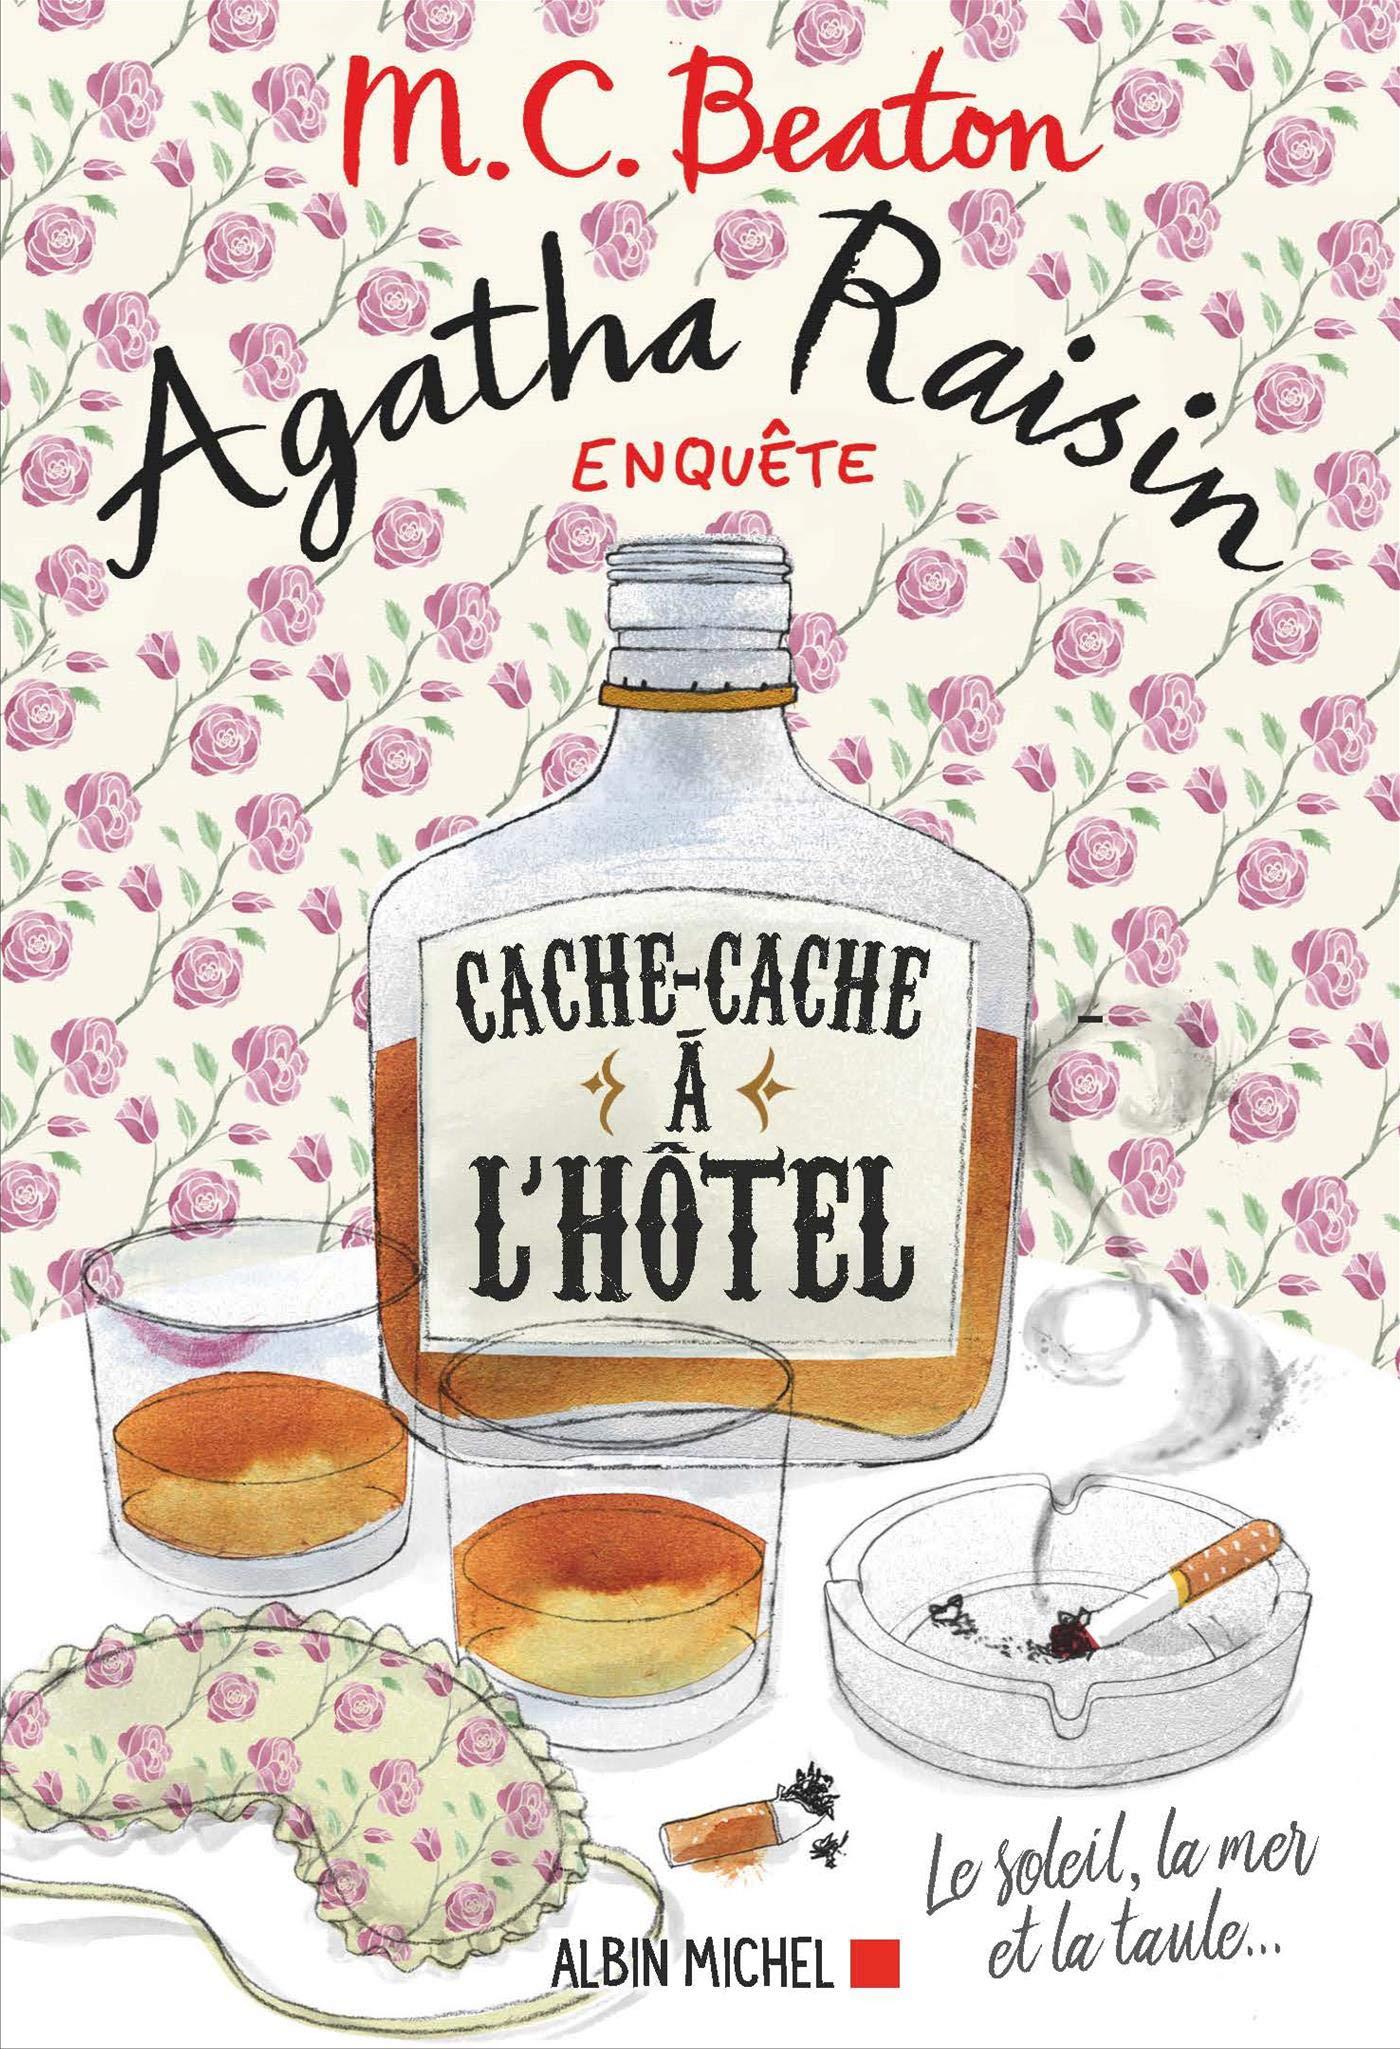 Agatha Raisin enquête 17 - Cache-cache à l'hôtel | Beaton, M. C.. Auteur